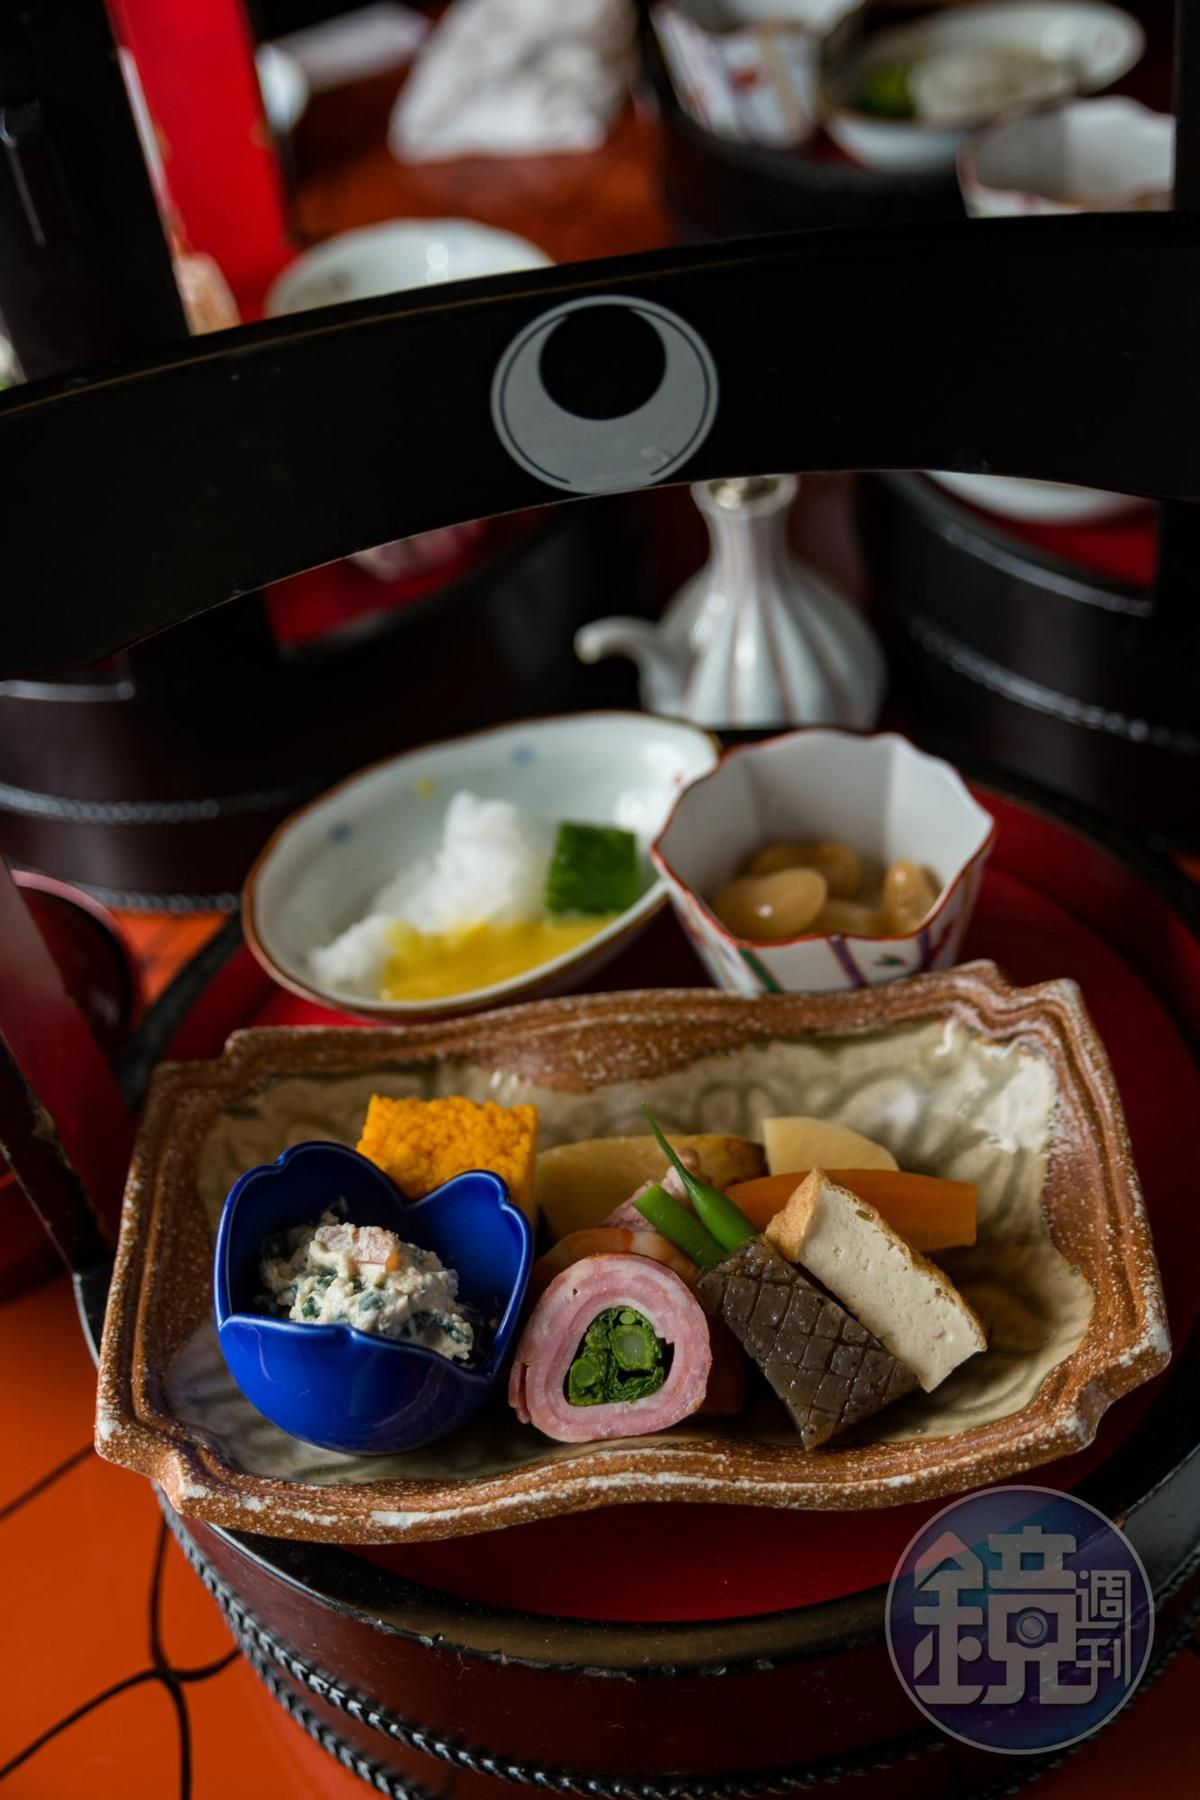 現在在長崎吃到的「桌袱料理」是改良後的一人份迷你版。(3,900日圓/份,約NT$1,045)